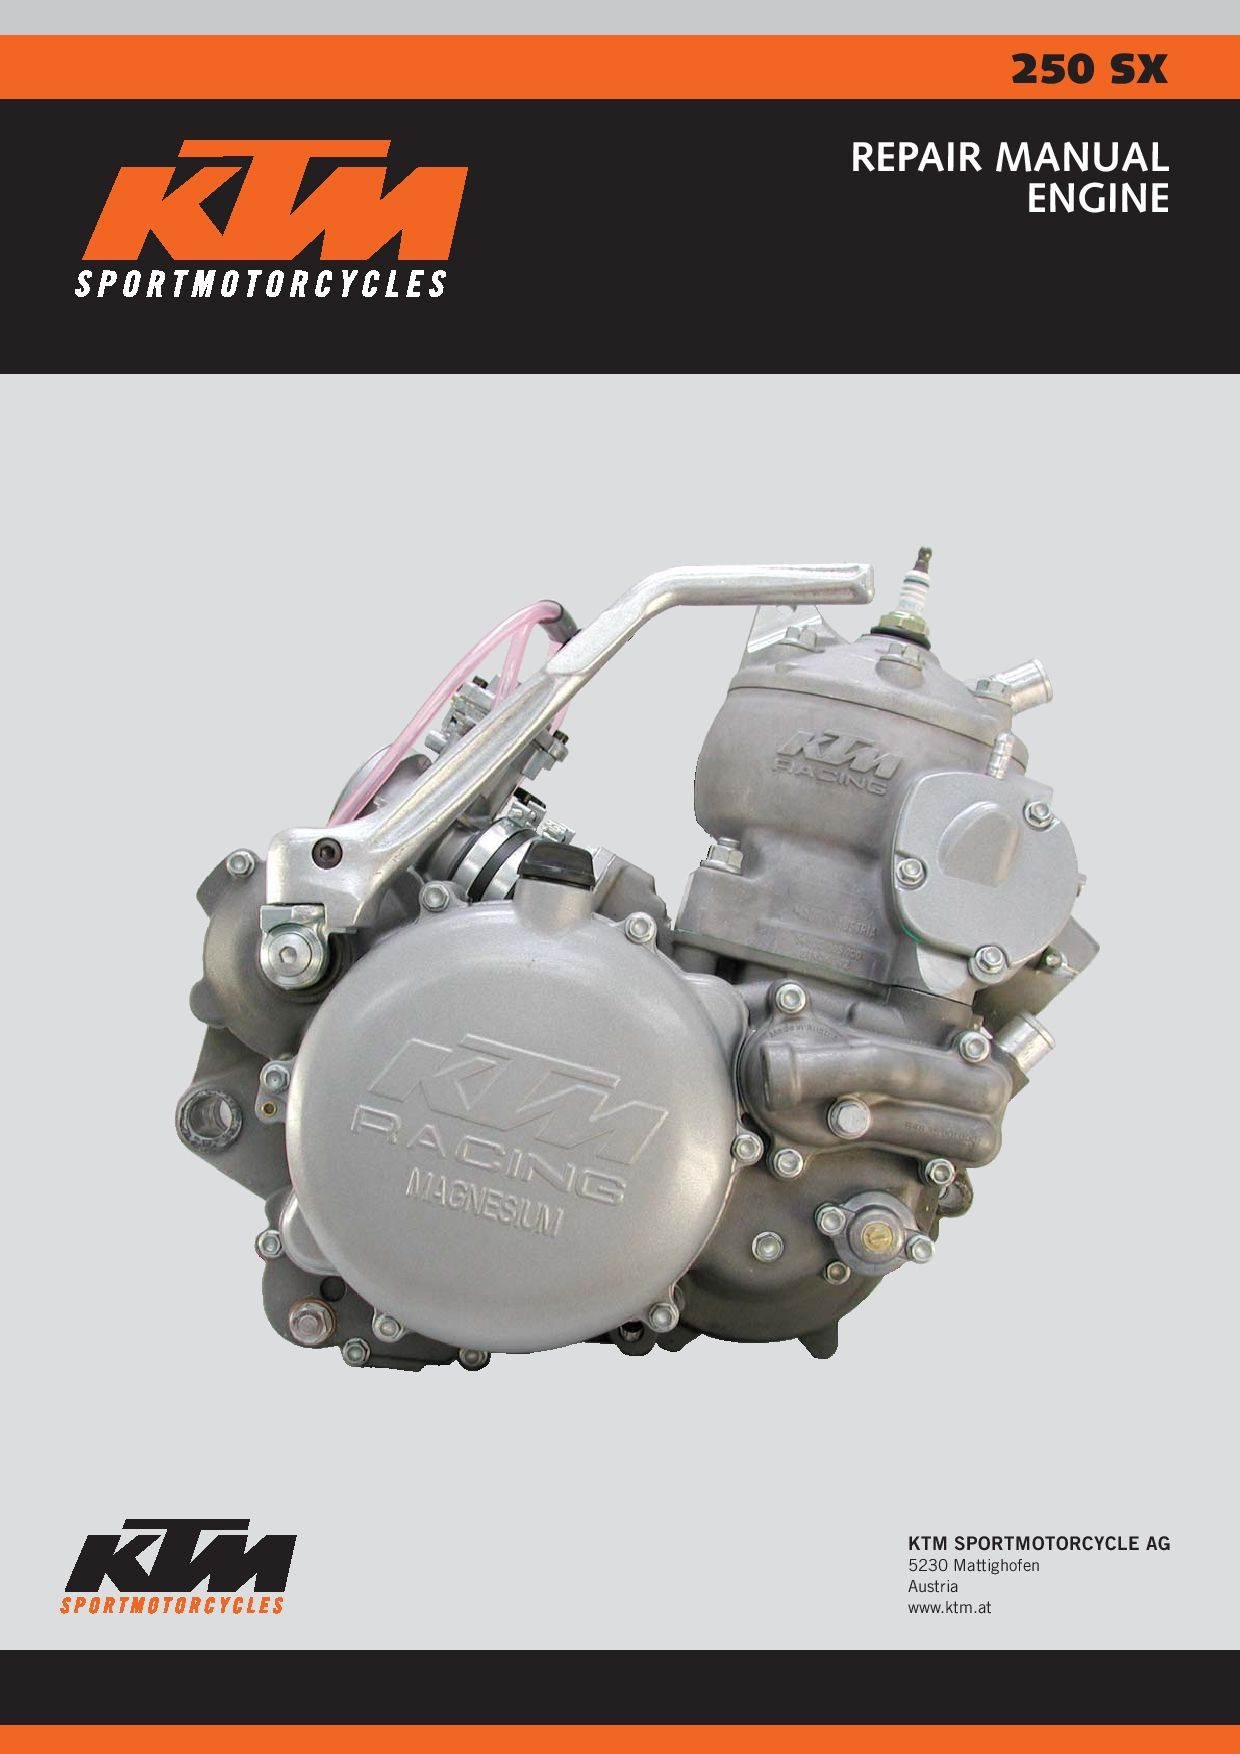 Ktm 250 Sx 2003 Repair Manual Pdf Download